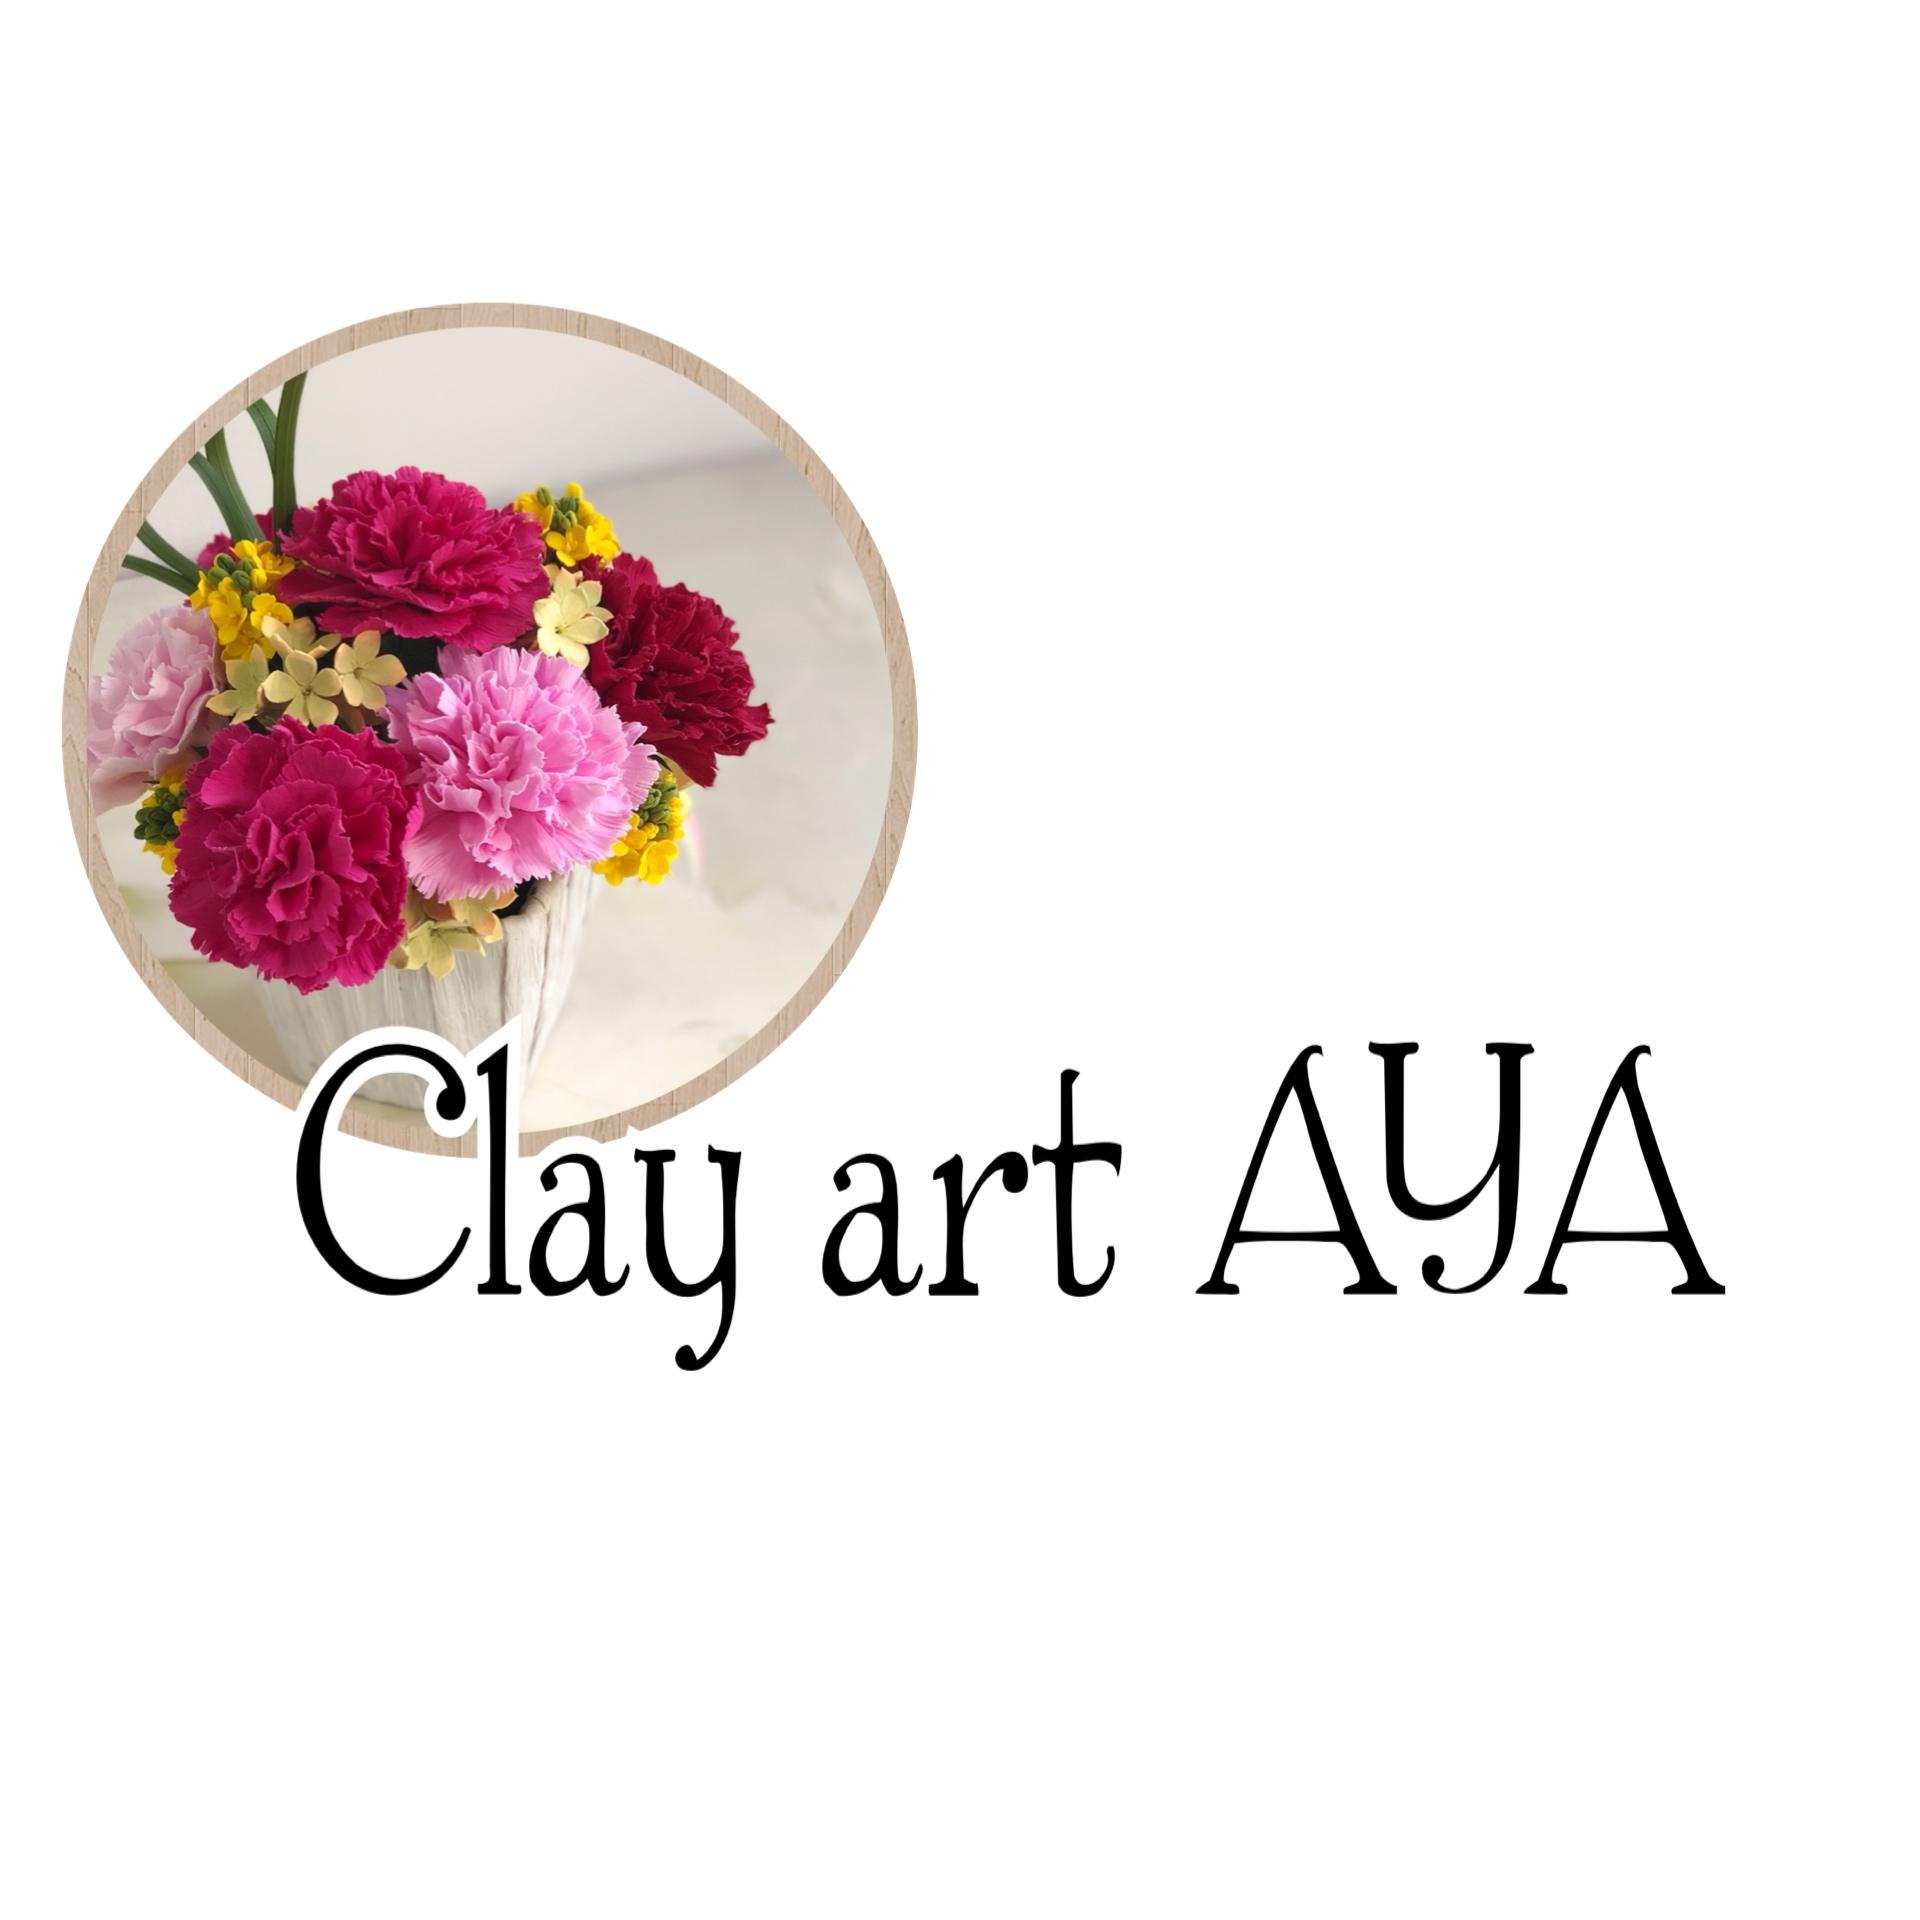 Clay art AYA